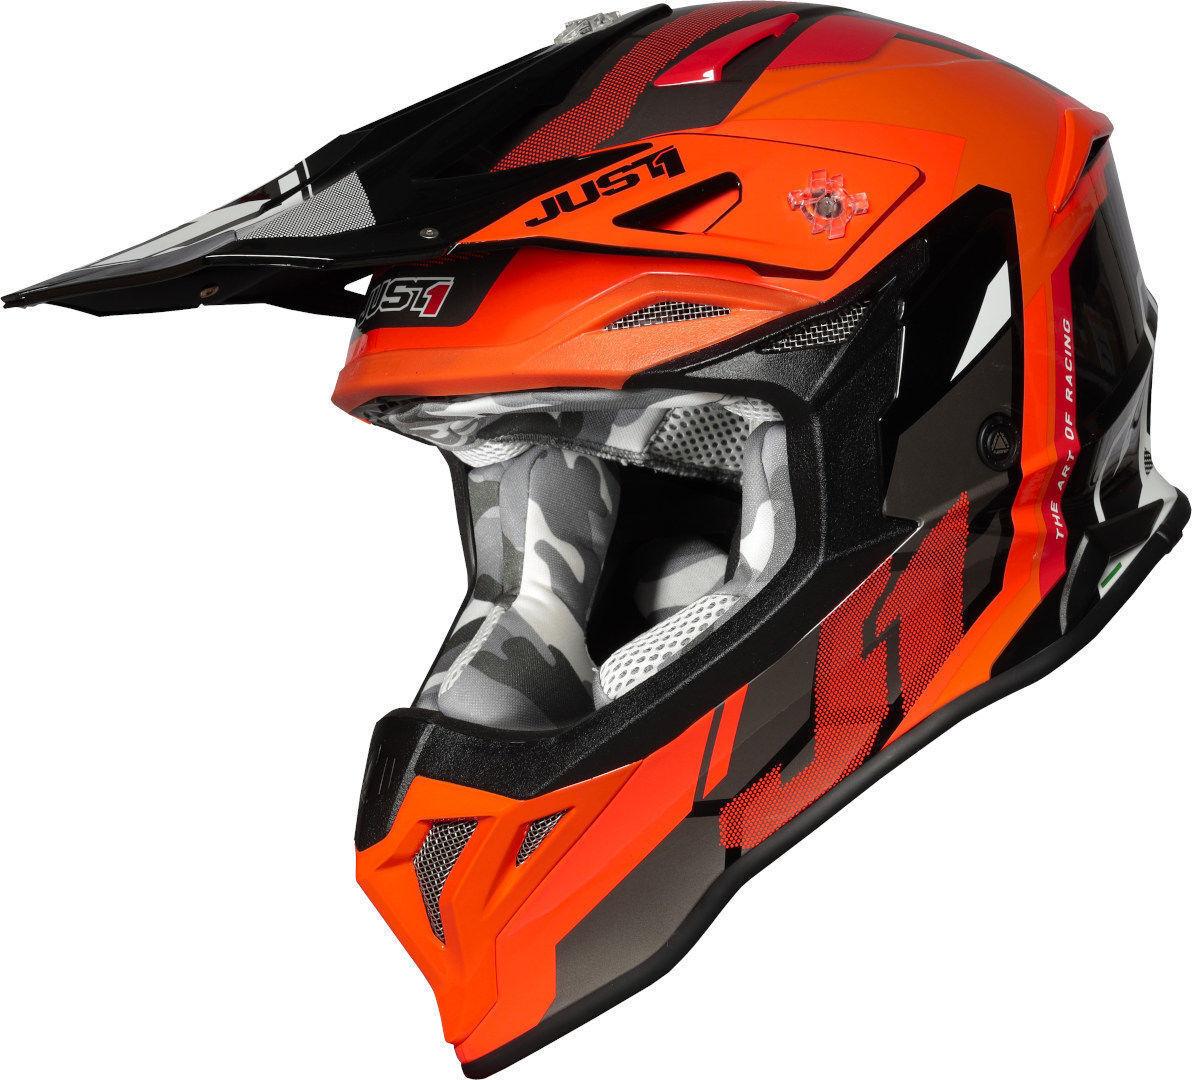 Just1 J39 Reactor Motocross kypärä  - Musta Oranssi - Size: XS